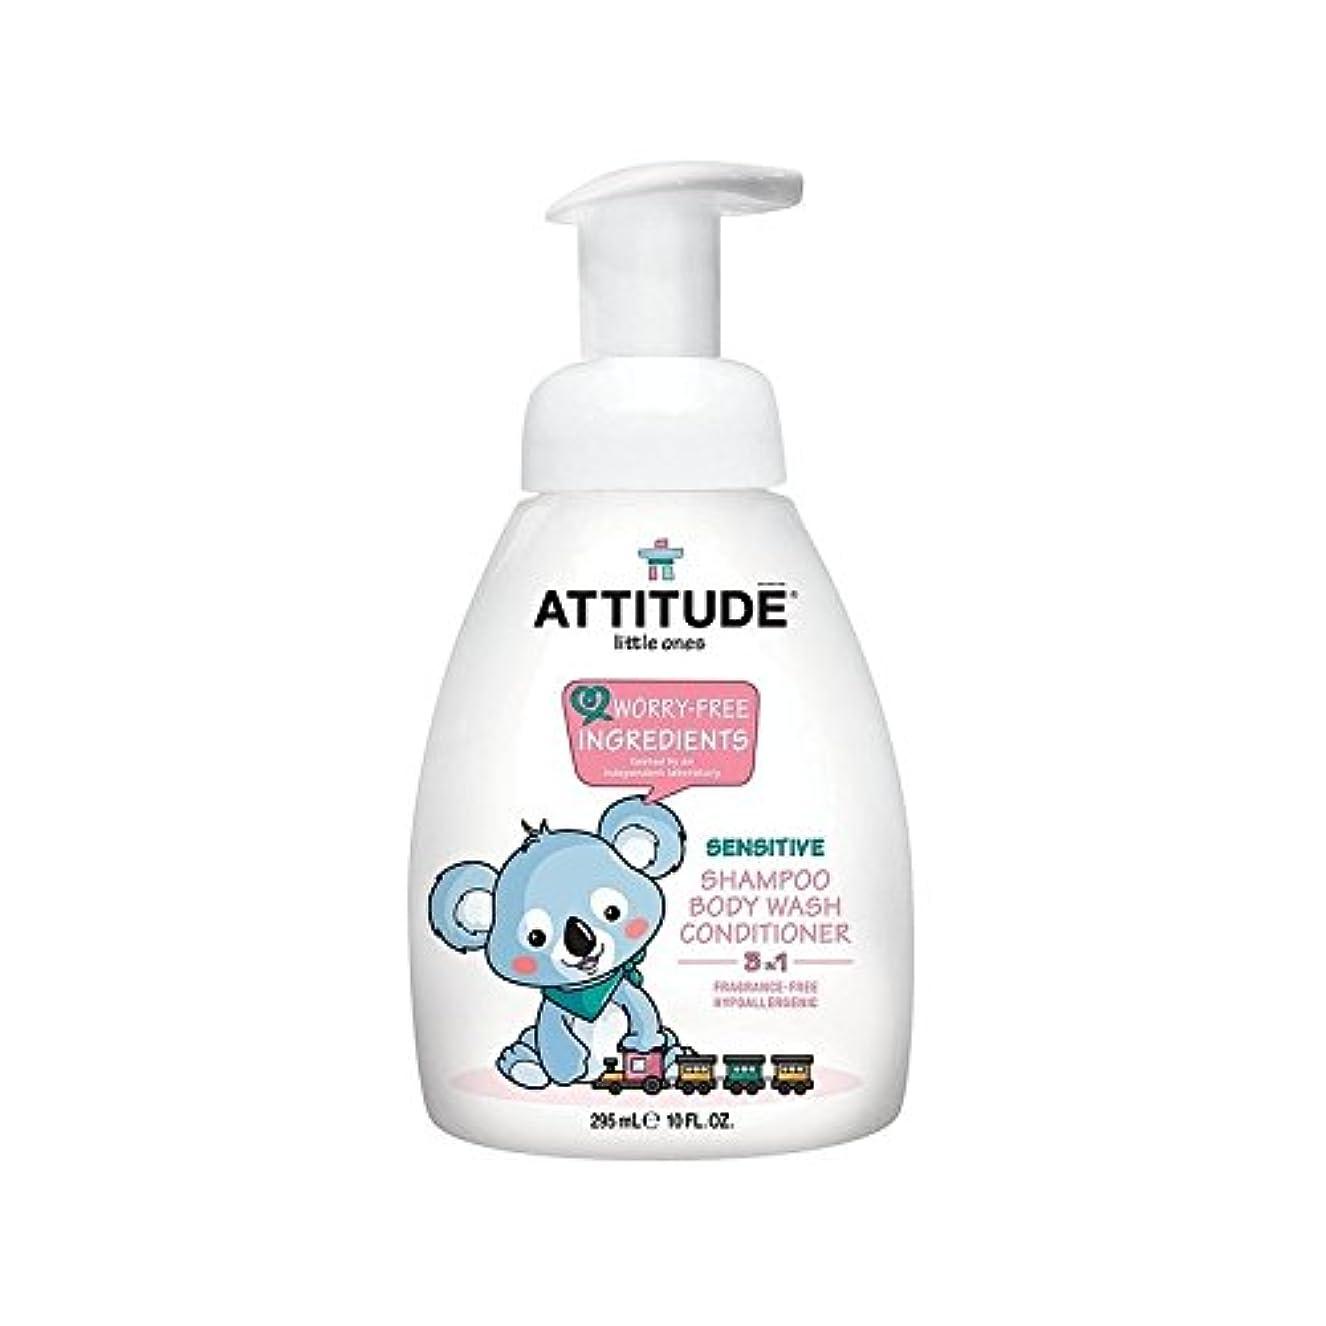 平均配送没頭する小さなもの3 1シャンプーシャワーコンディショナーポンプ無香料295ミリリットル (Attitude) (x 2) - Attitude Little Ones 3 in 1 Shampoo Shower Conditioner Pump Fragrance Free 295ml (Pack of 2) [並行輸入品]